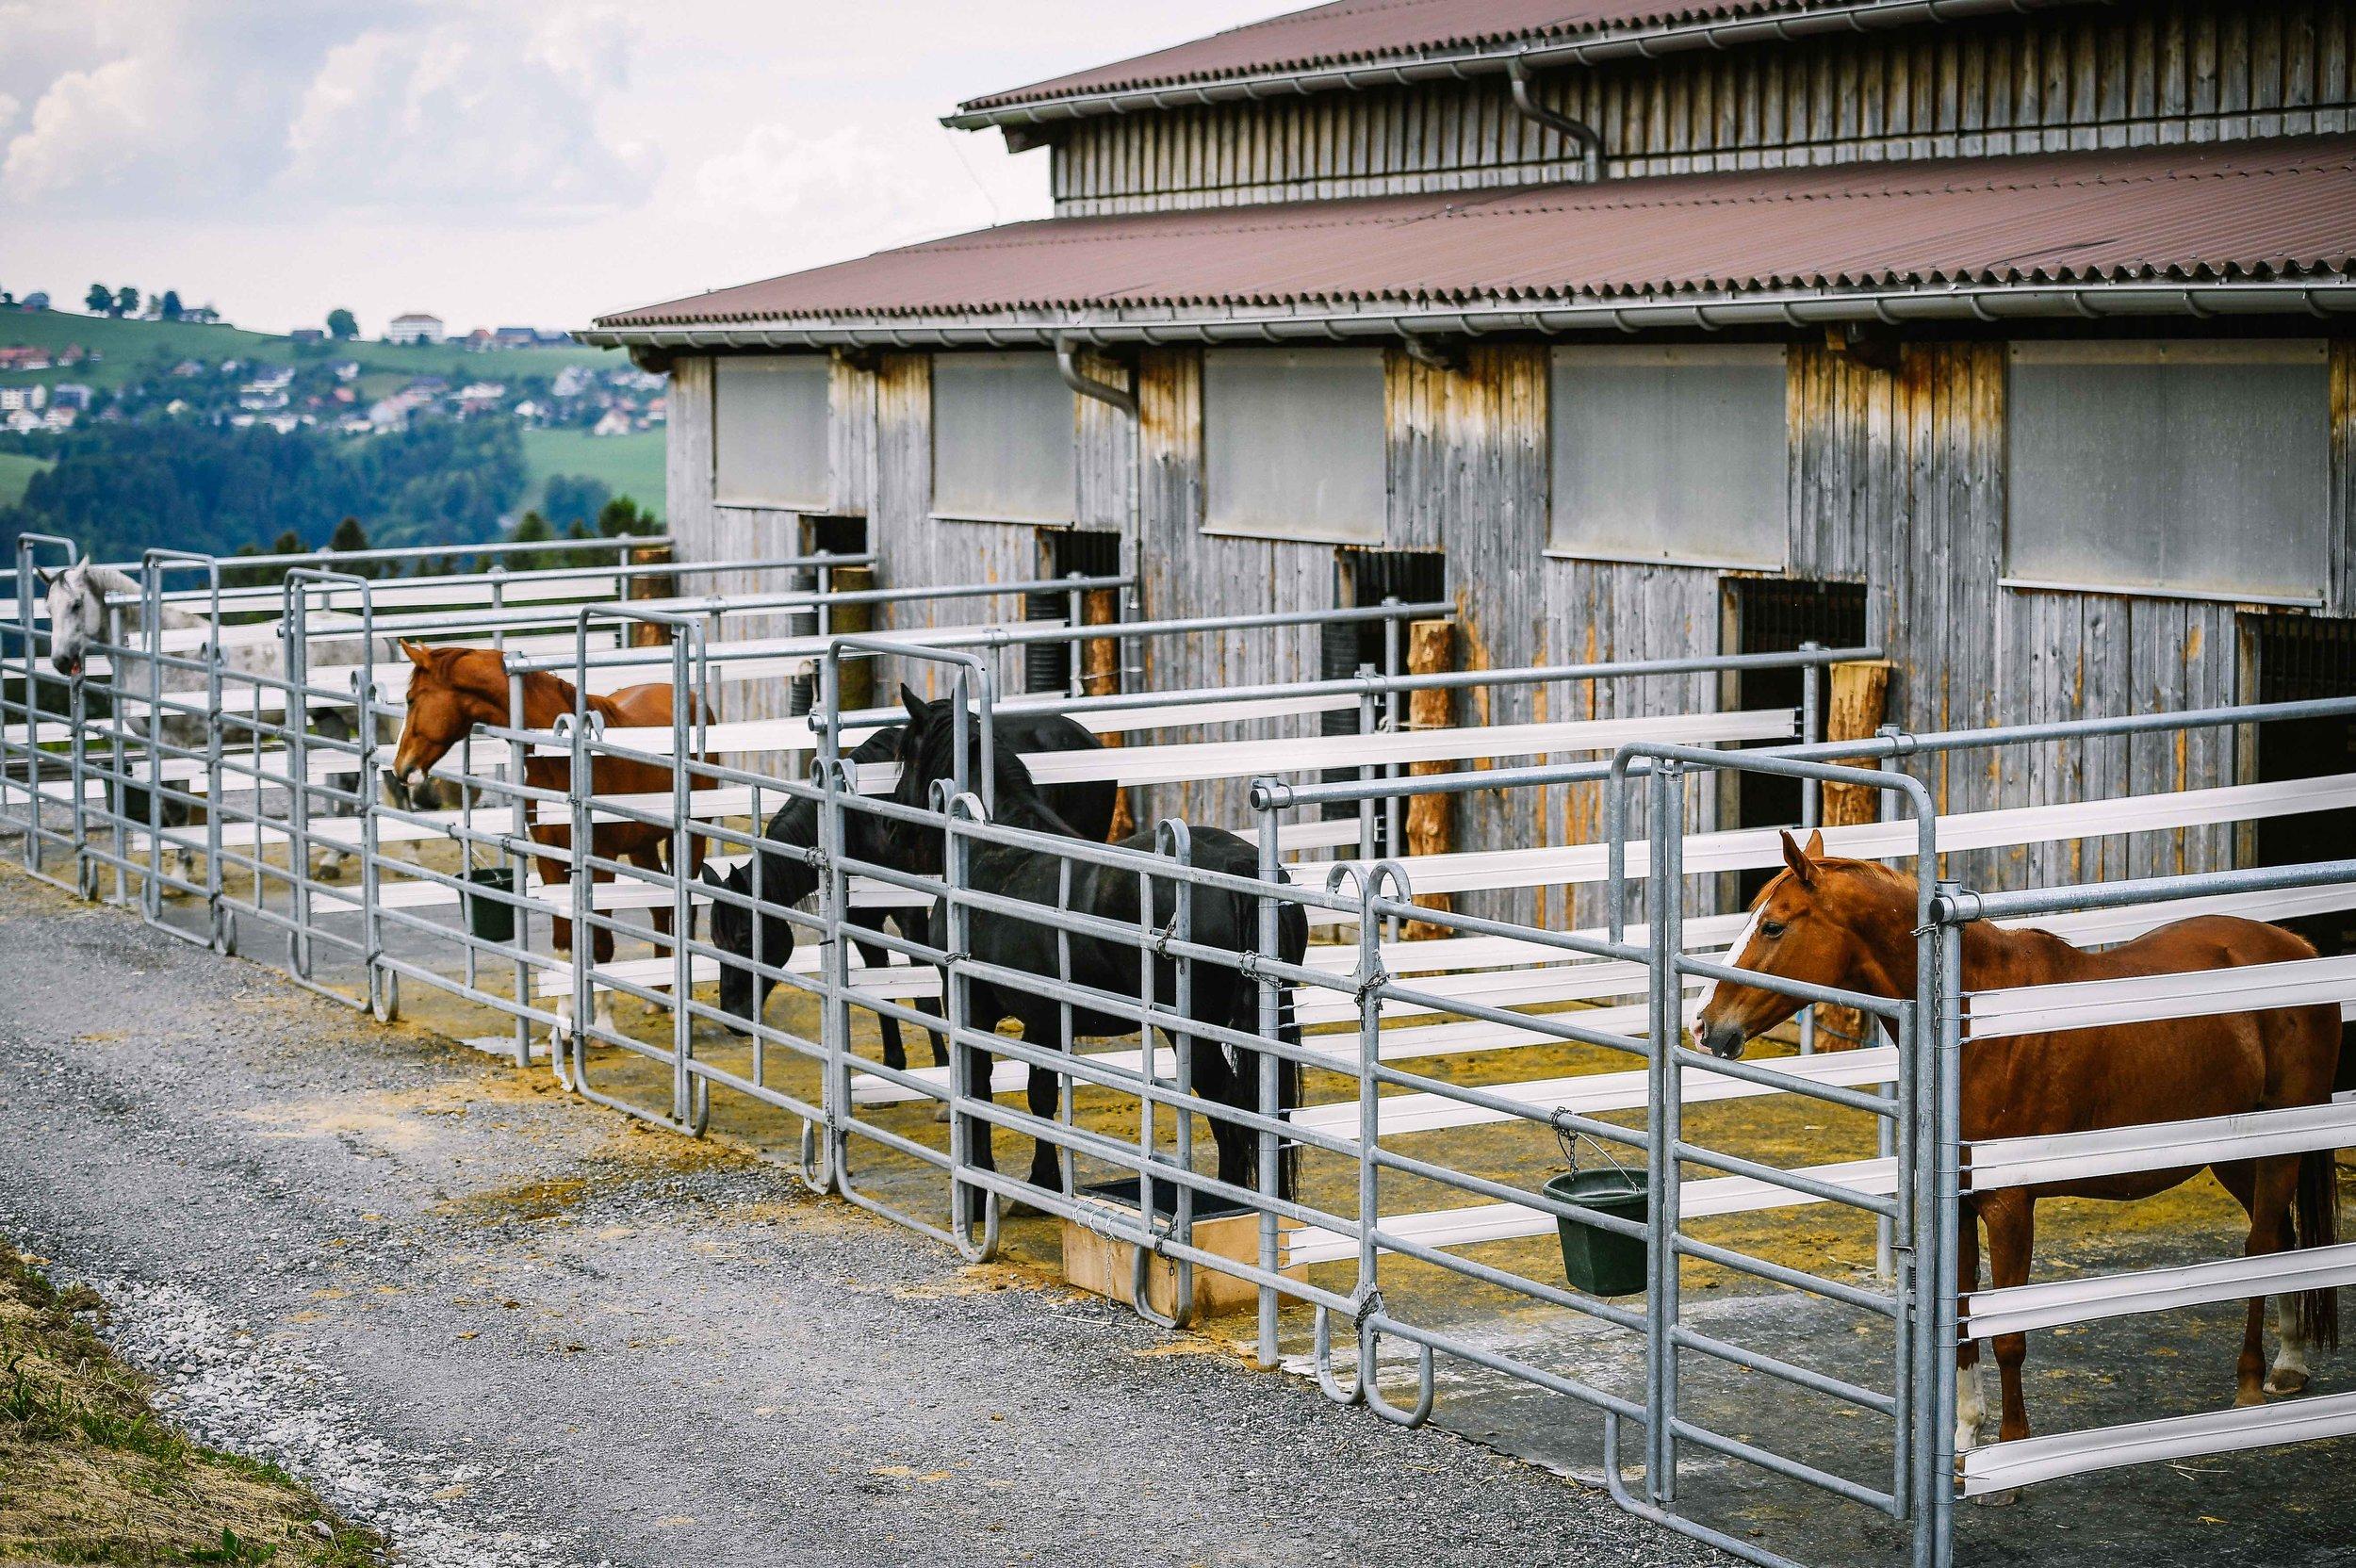 Pferde die längerfristig bei uns bleiben, leben in Gruppenhaltung als Herde. Für unsere Ausbildungspferde haben wir Auslaufboxen mit direktem Blick übers Tal und hinauf zum Alpstein.